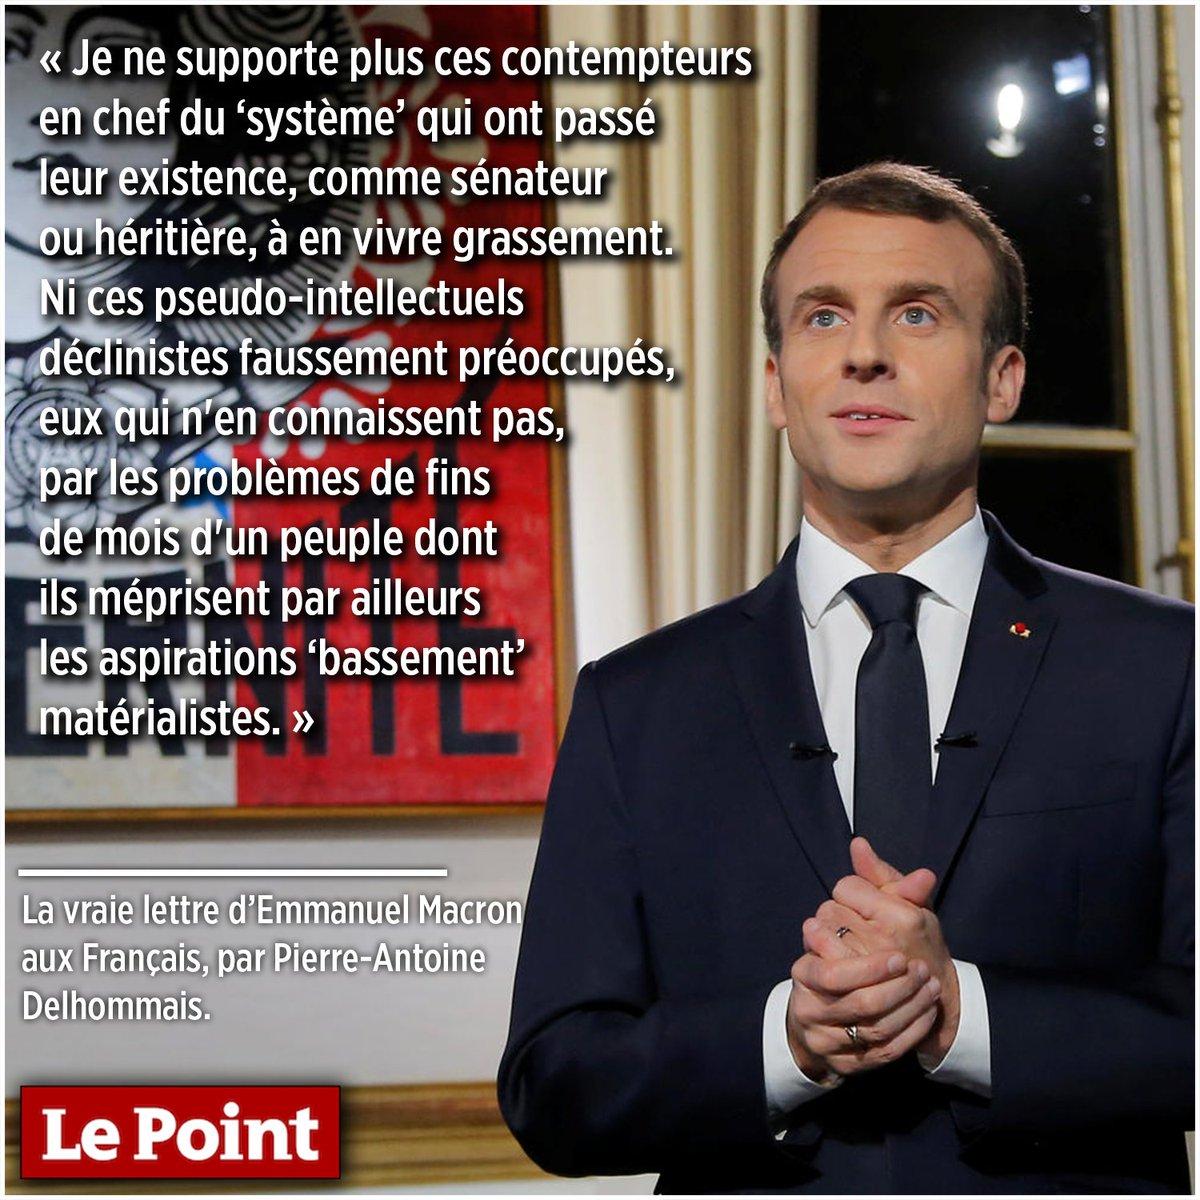 La vraie lettre d'Emmanuel #Macron aux Français, par Pierre-Antoine Delhommais >> https://t.co/EzFySsgbCH